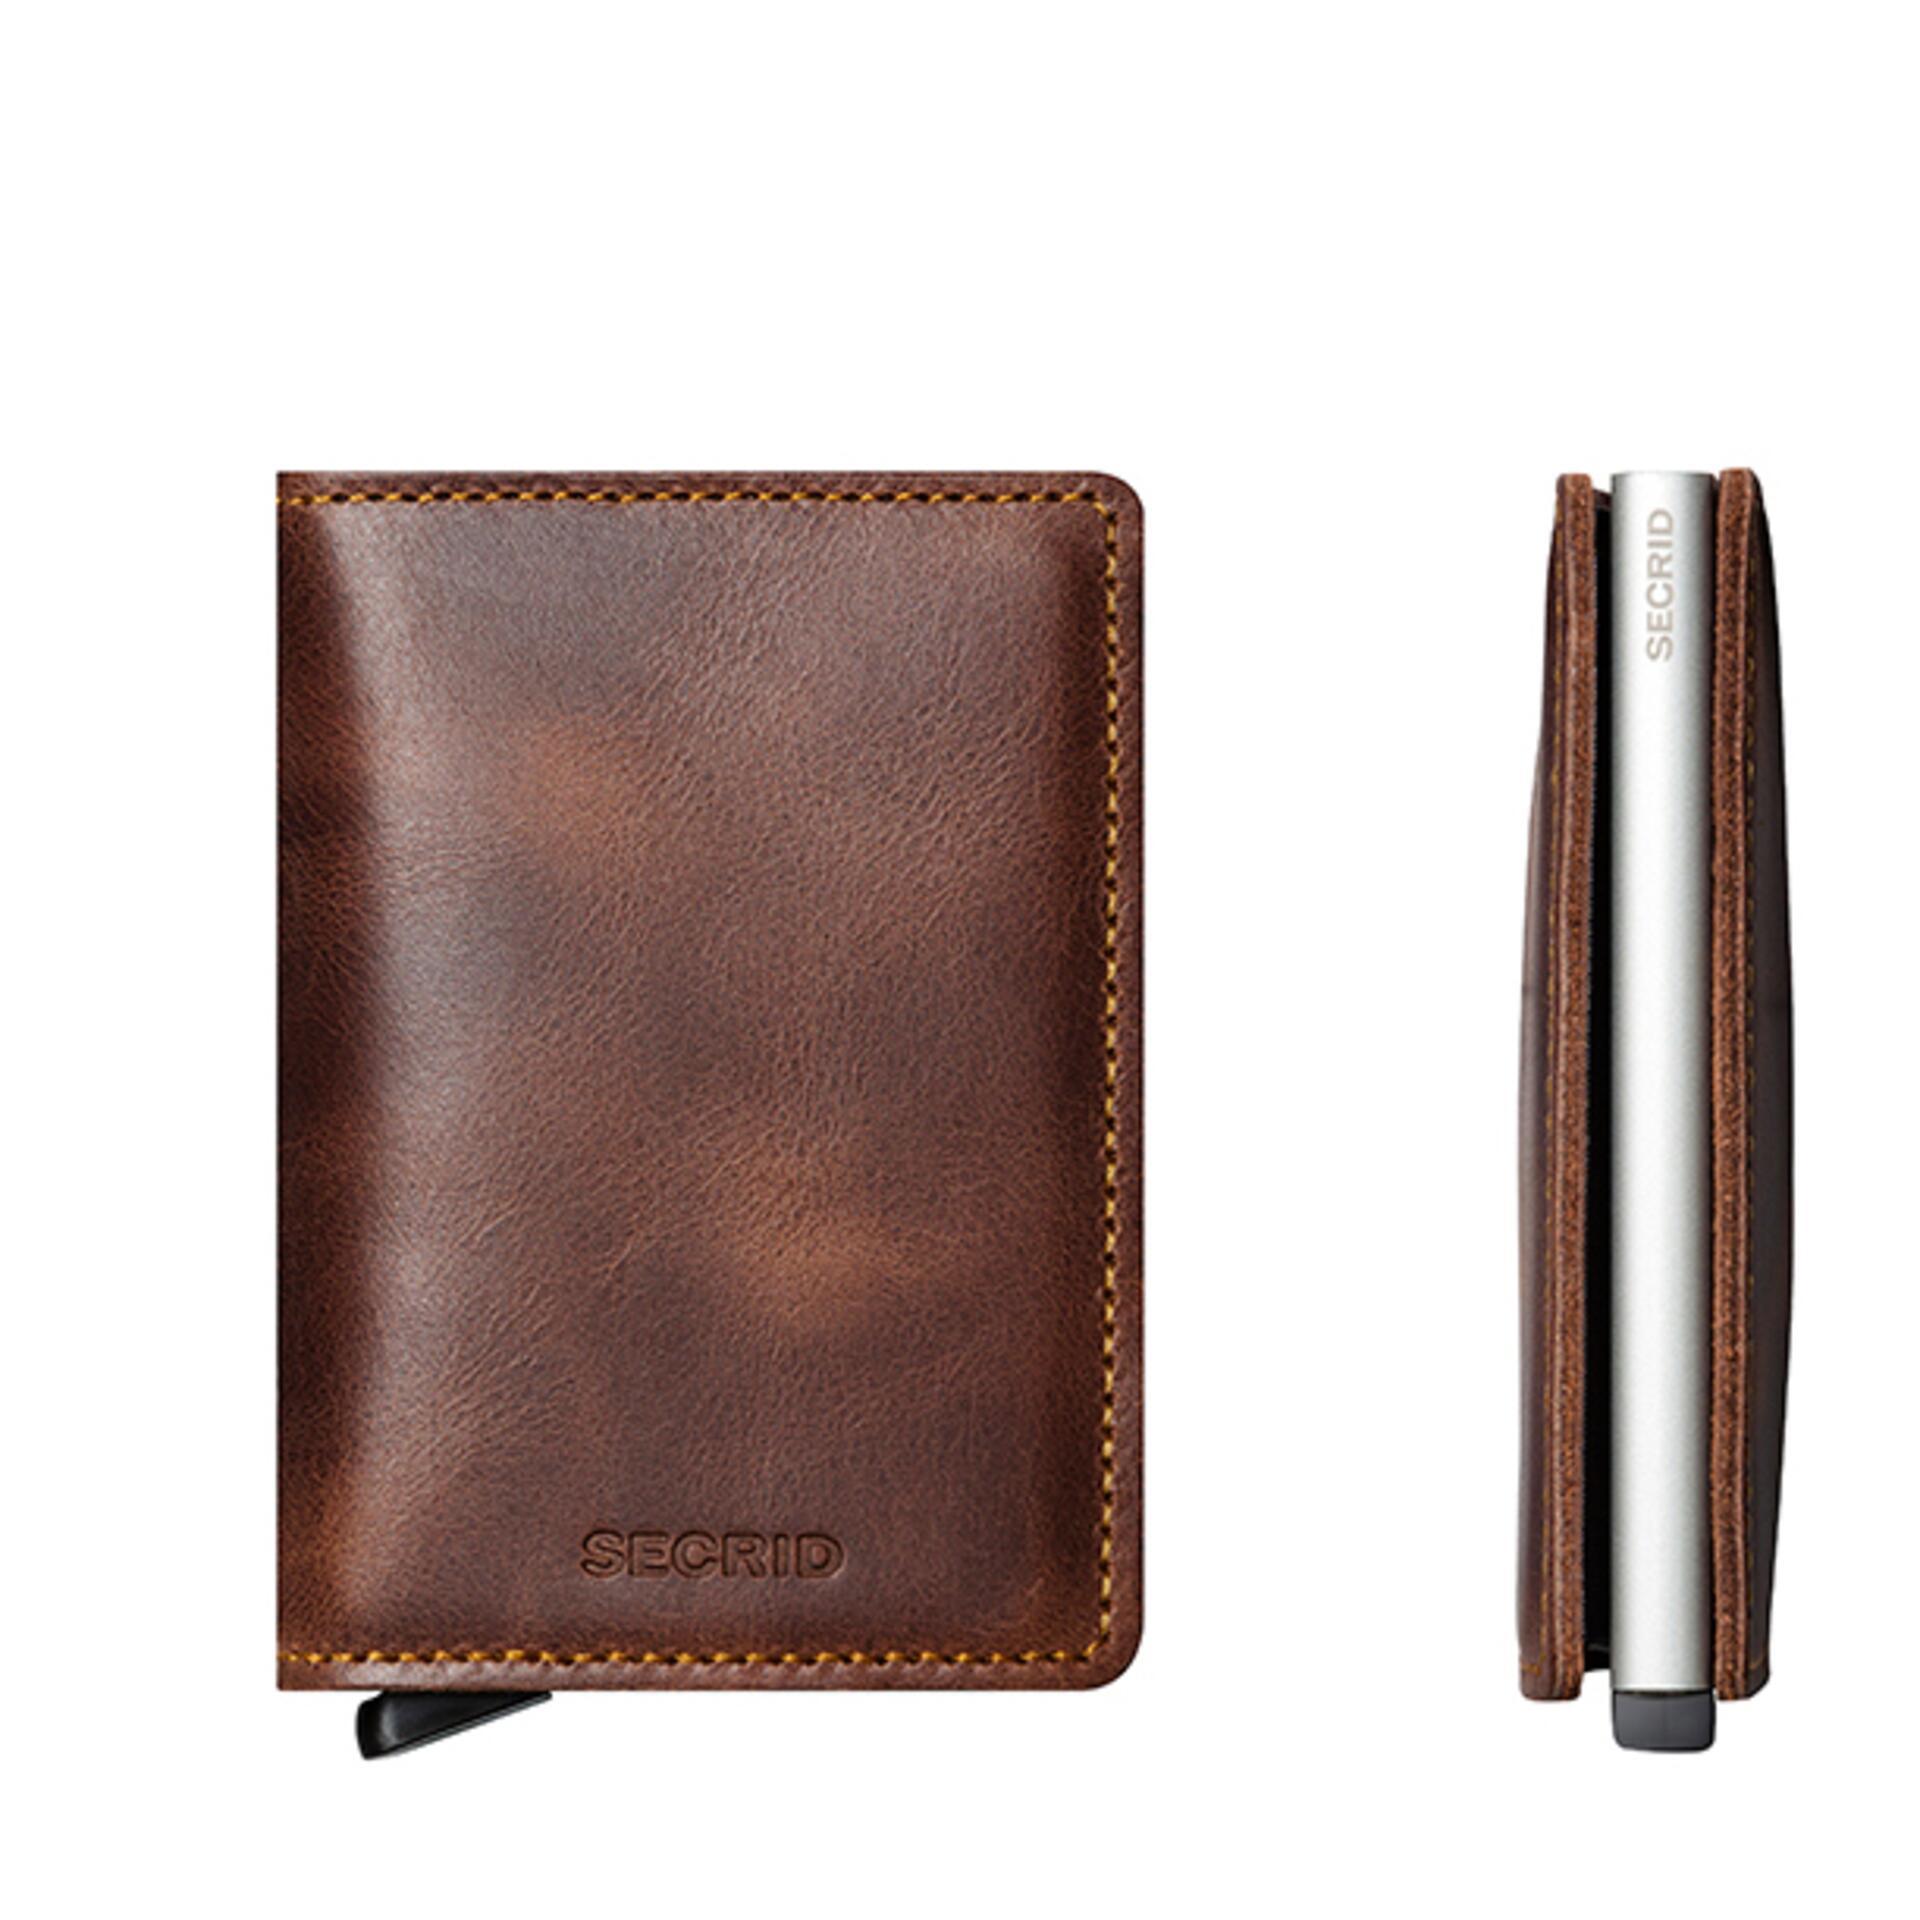 Secrid Slimwallet Vintage Brown Leder